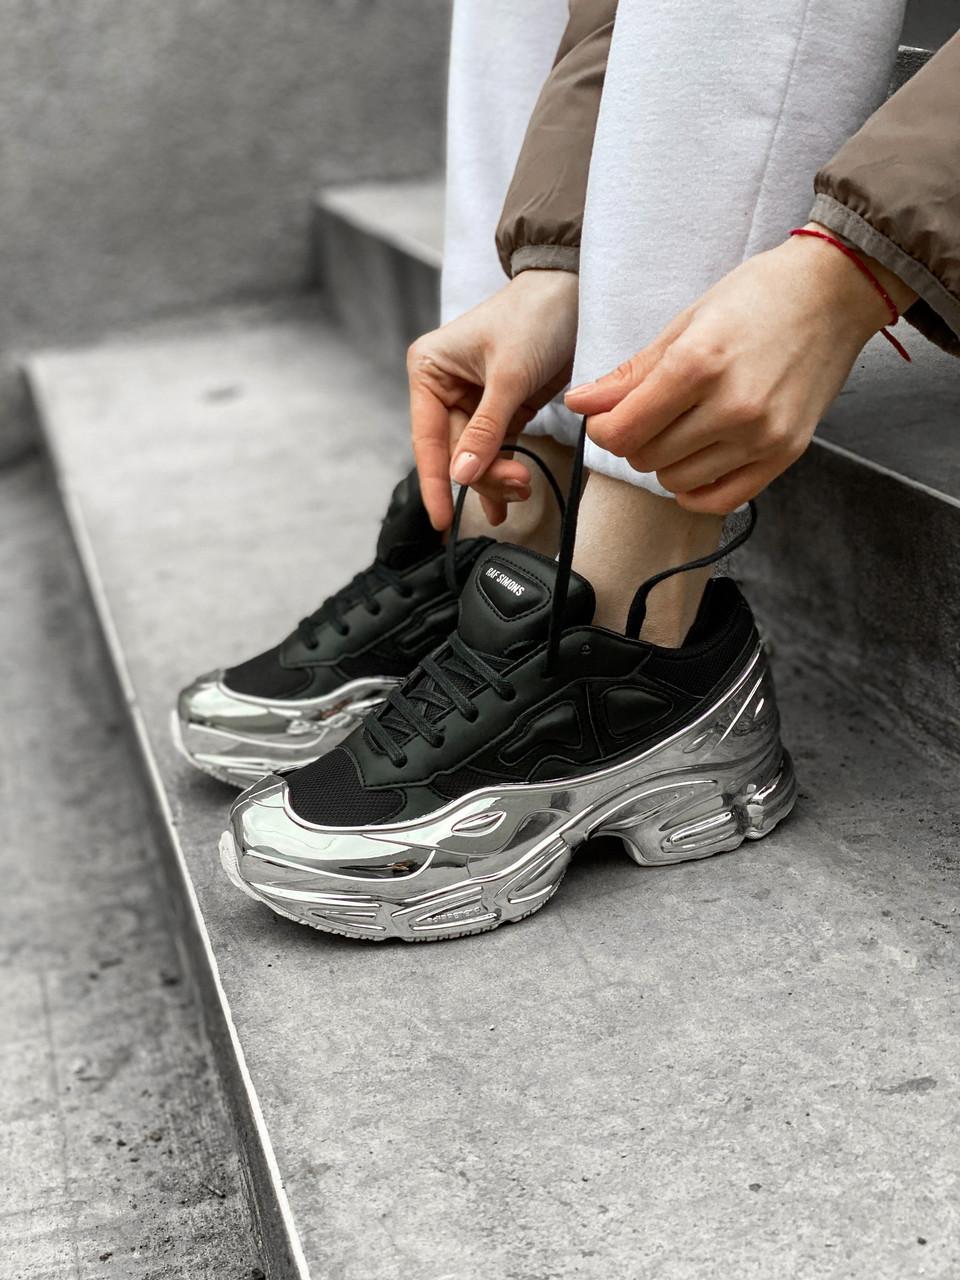 Женские кроссовки Adidas Raf Simons Ozweego, Реплика Люкс